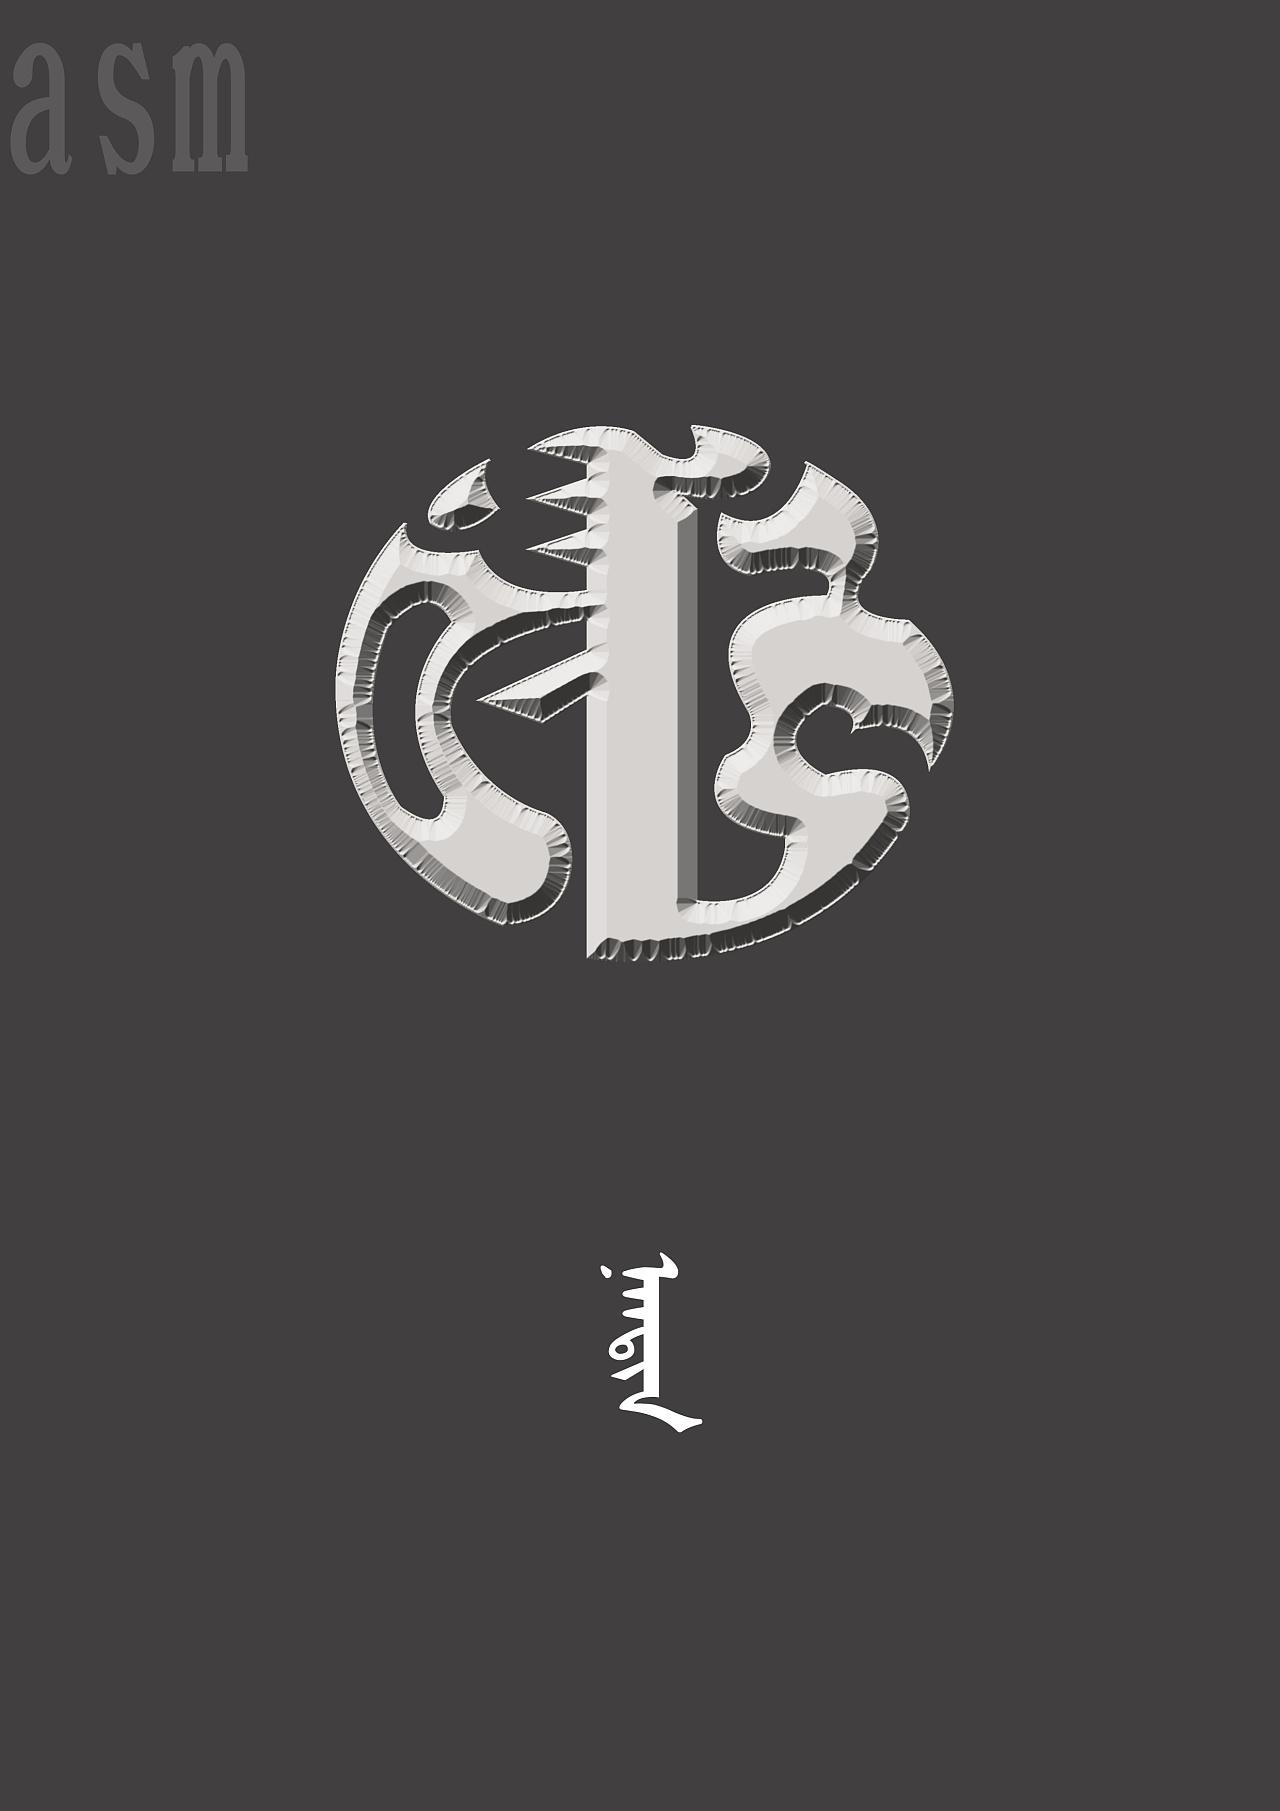 蒙古艺术文字3 -阿斯玛设计 第10张